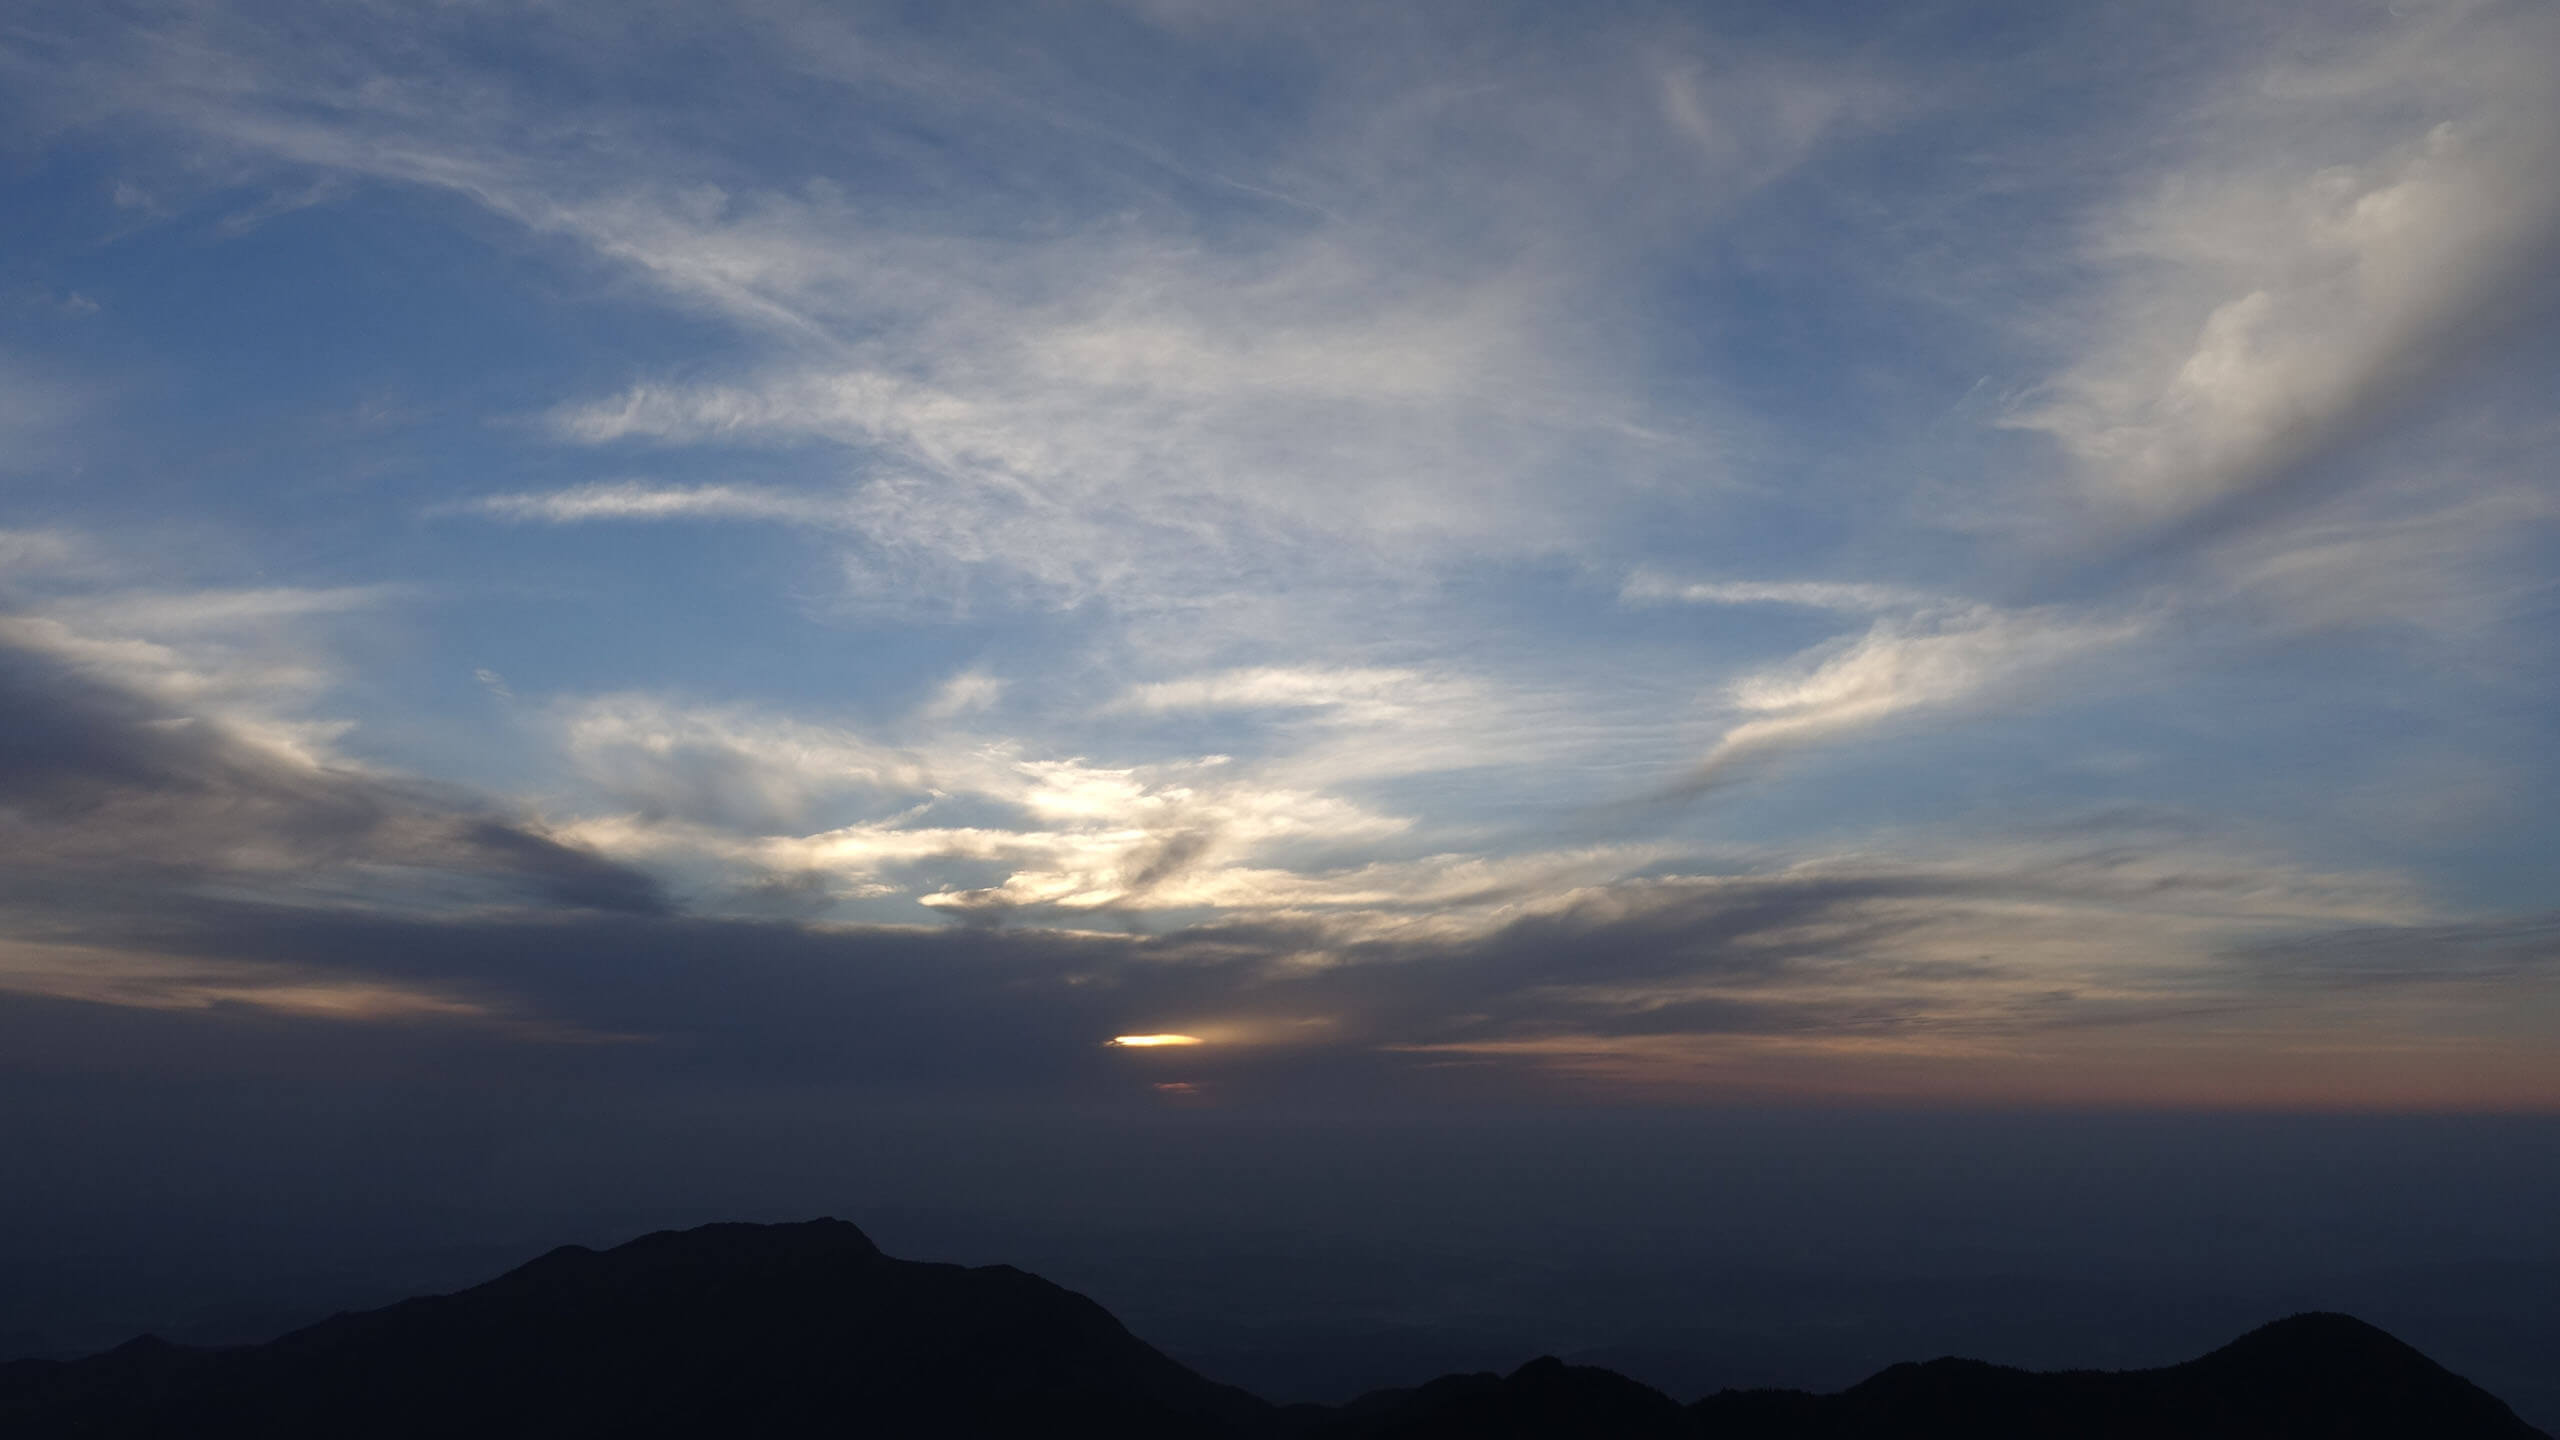 衡山看不见的日出